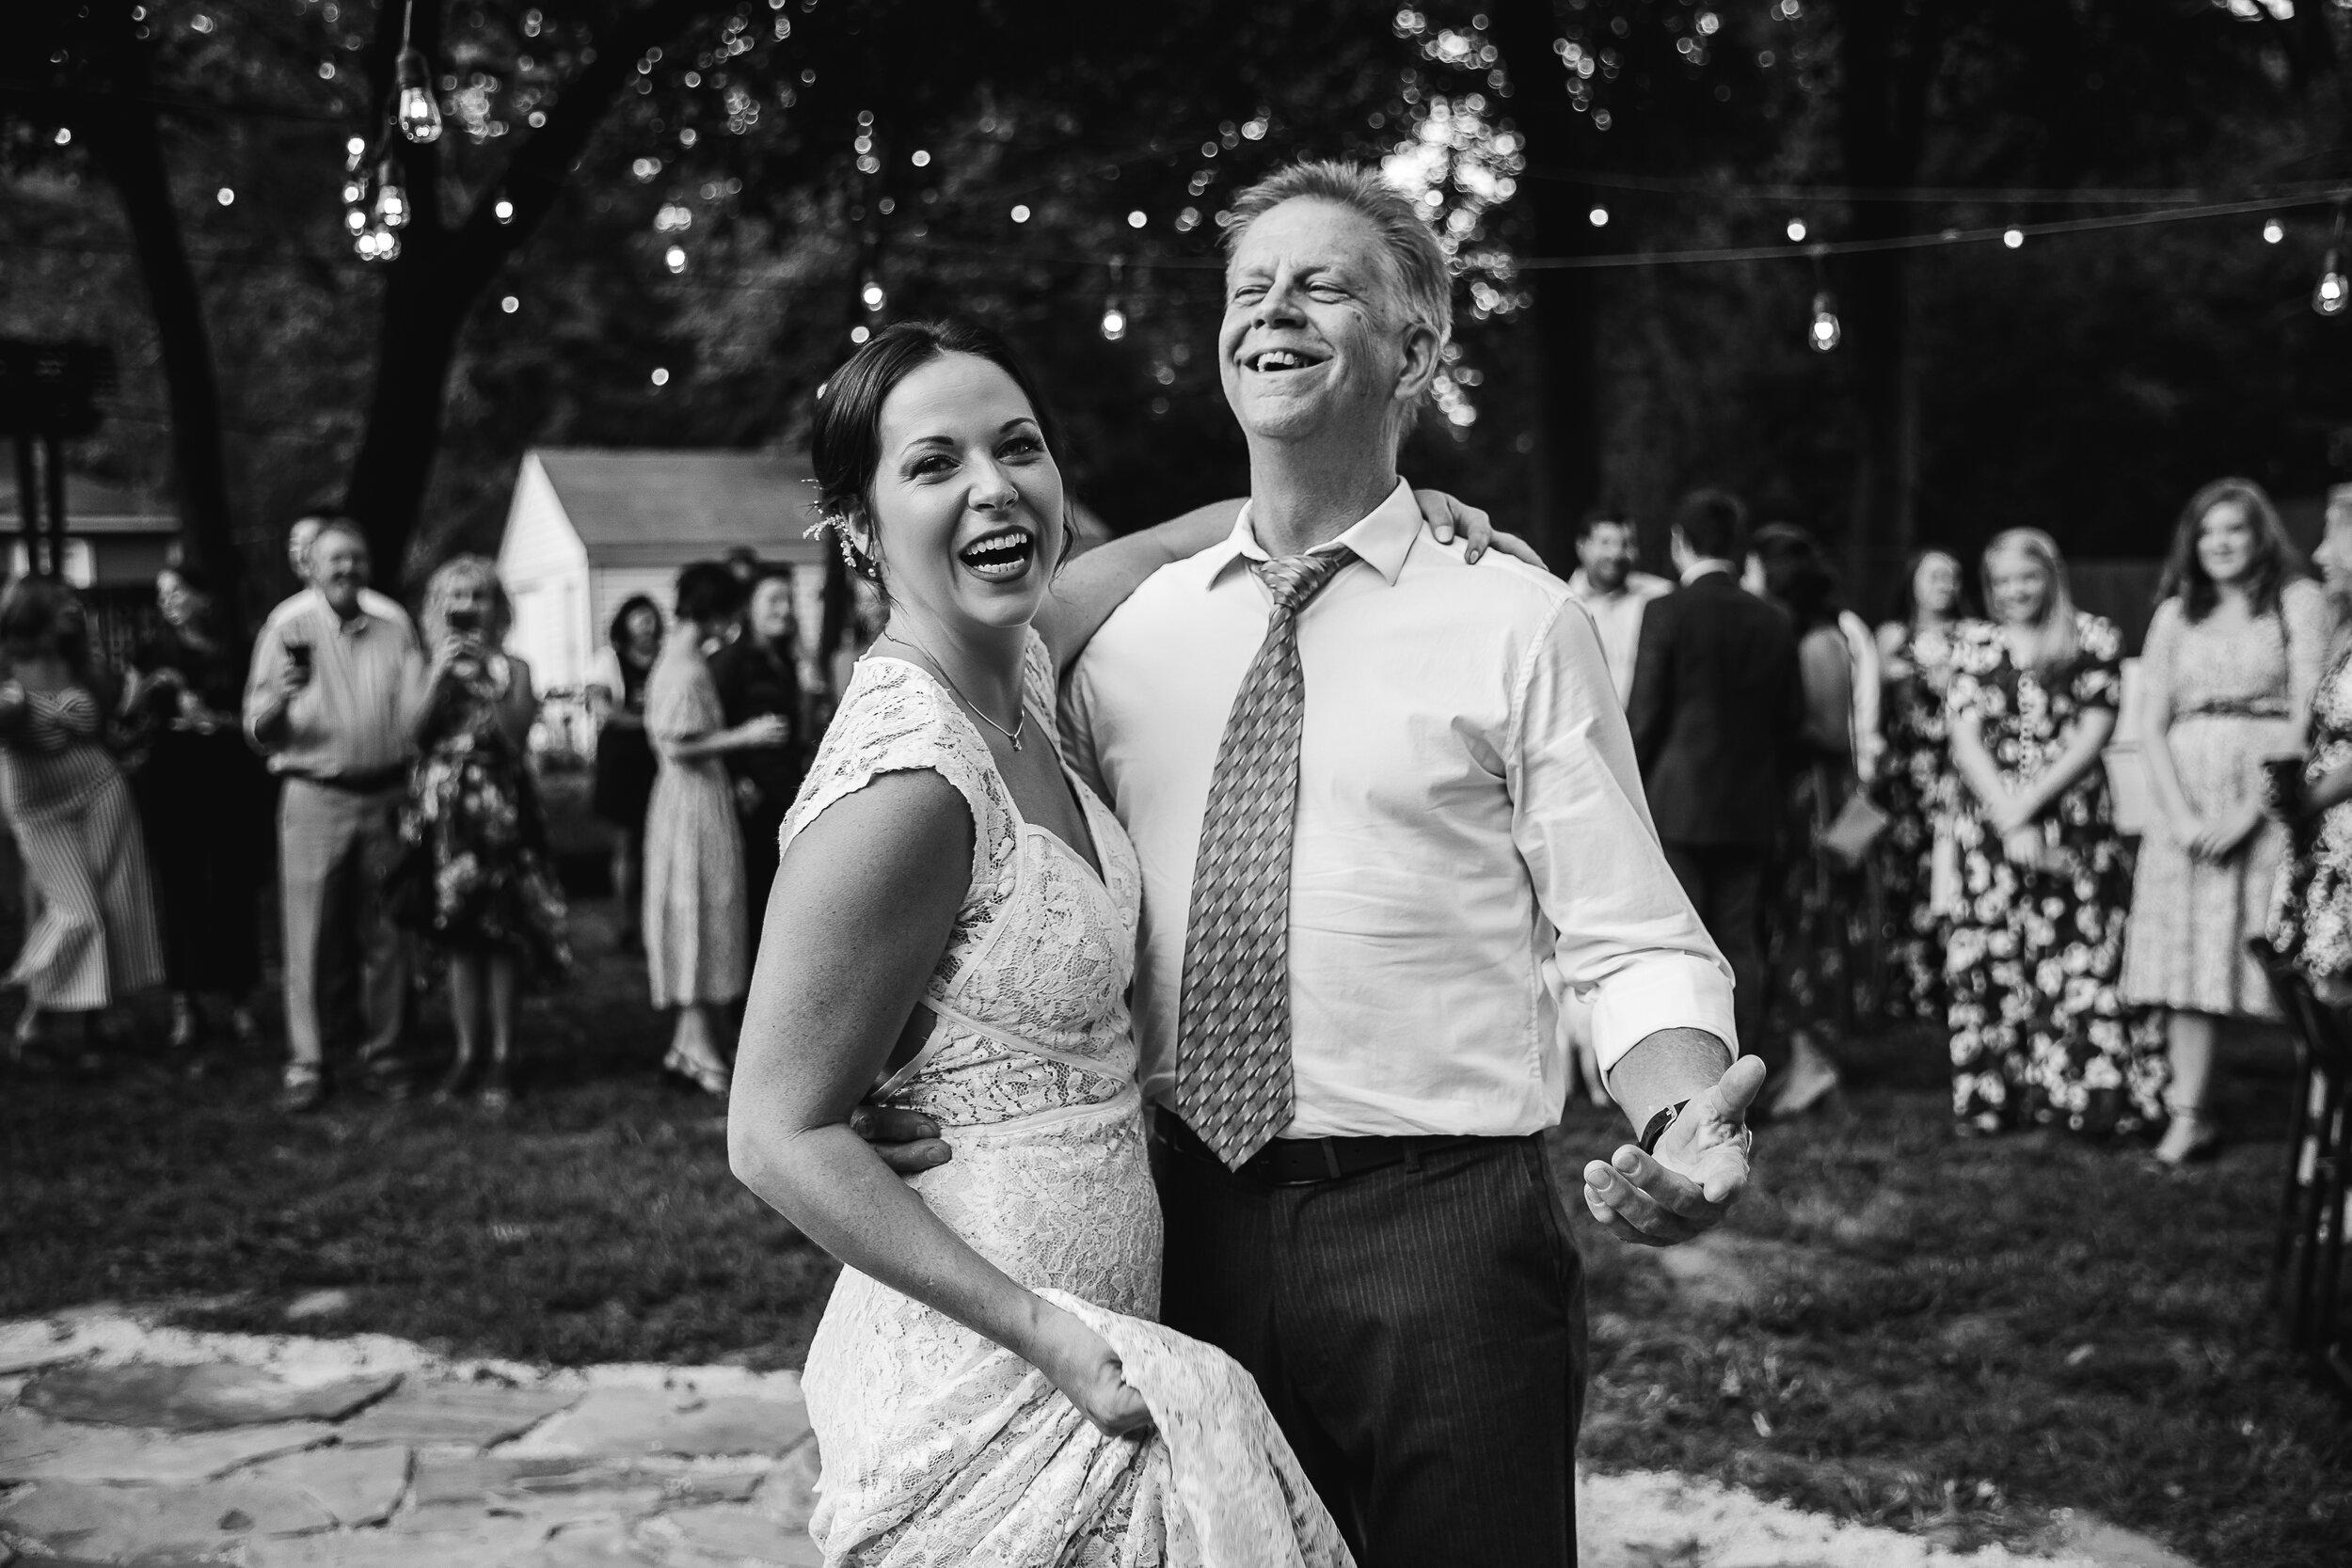 Allison-and-Wesley-Memphis-Backyard-Wedding-TheWarmthAroundYou-64.jpg